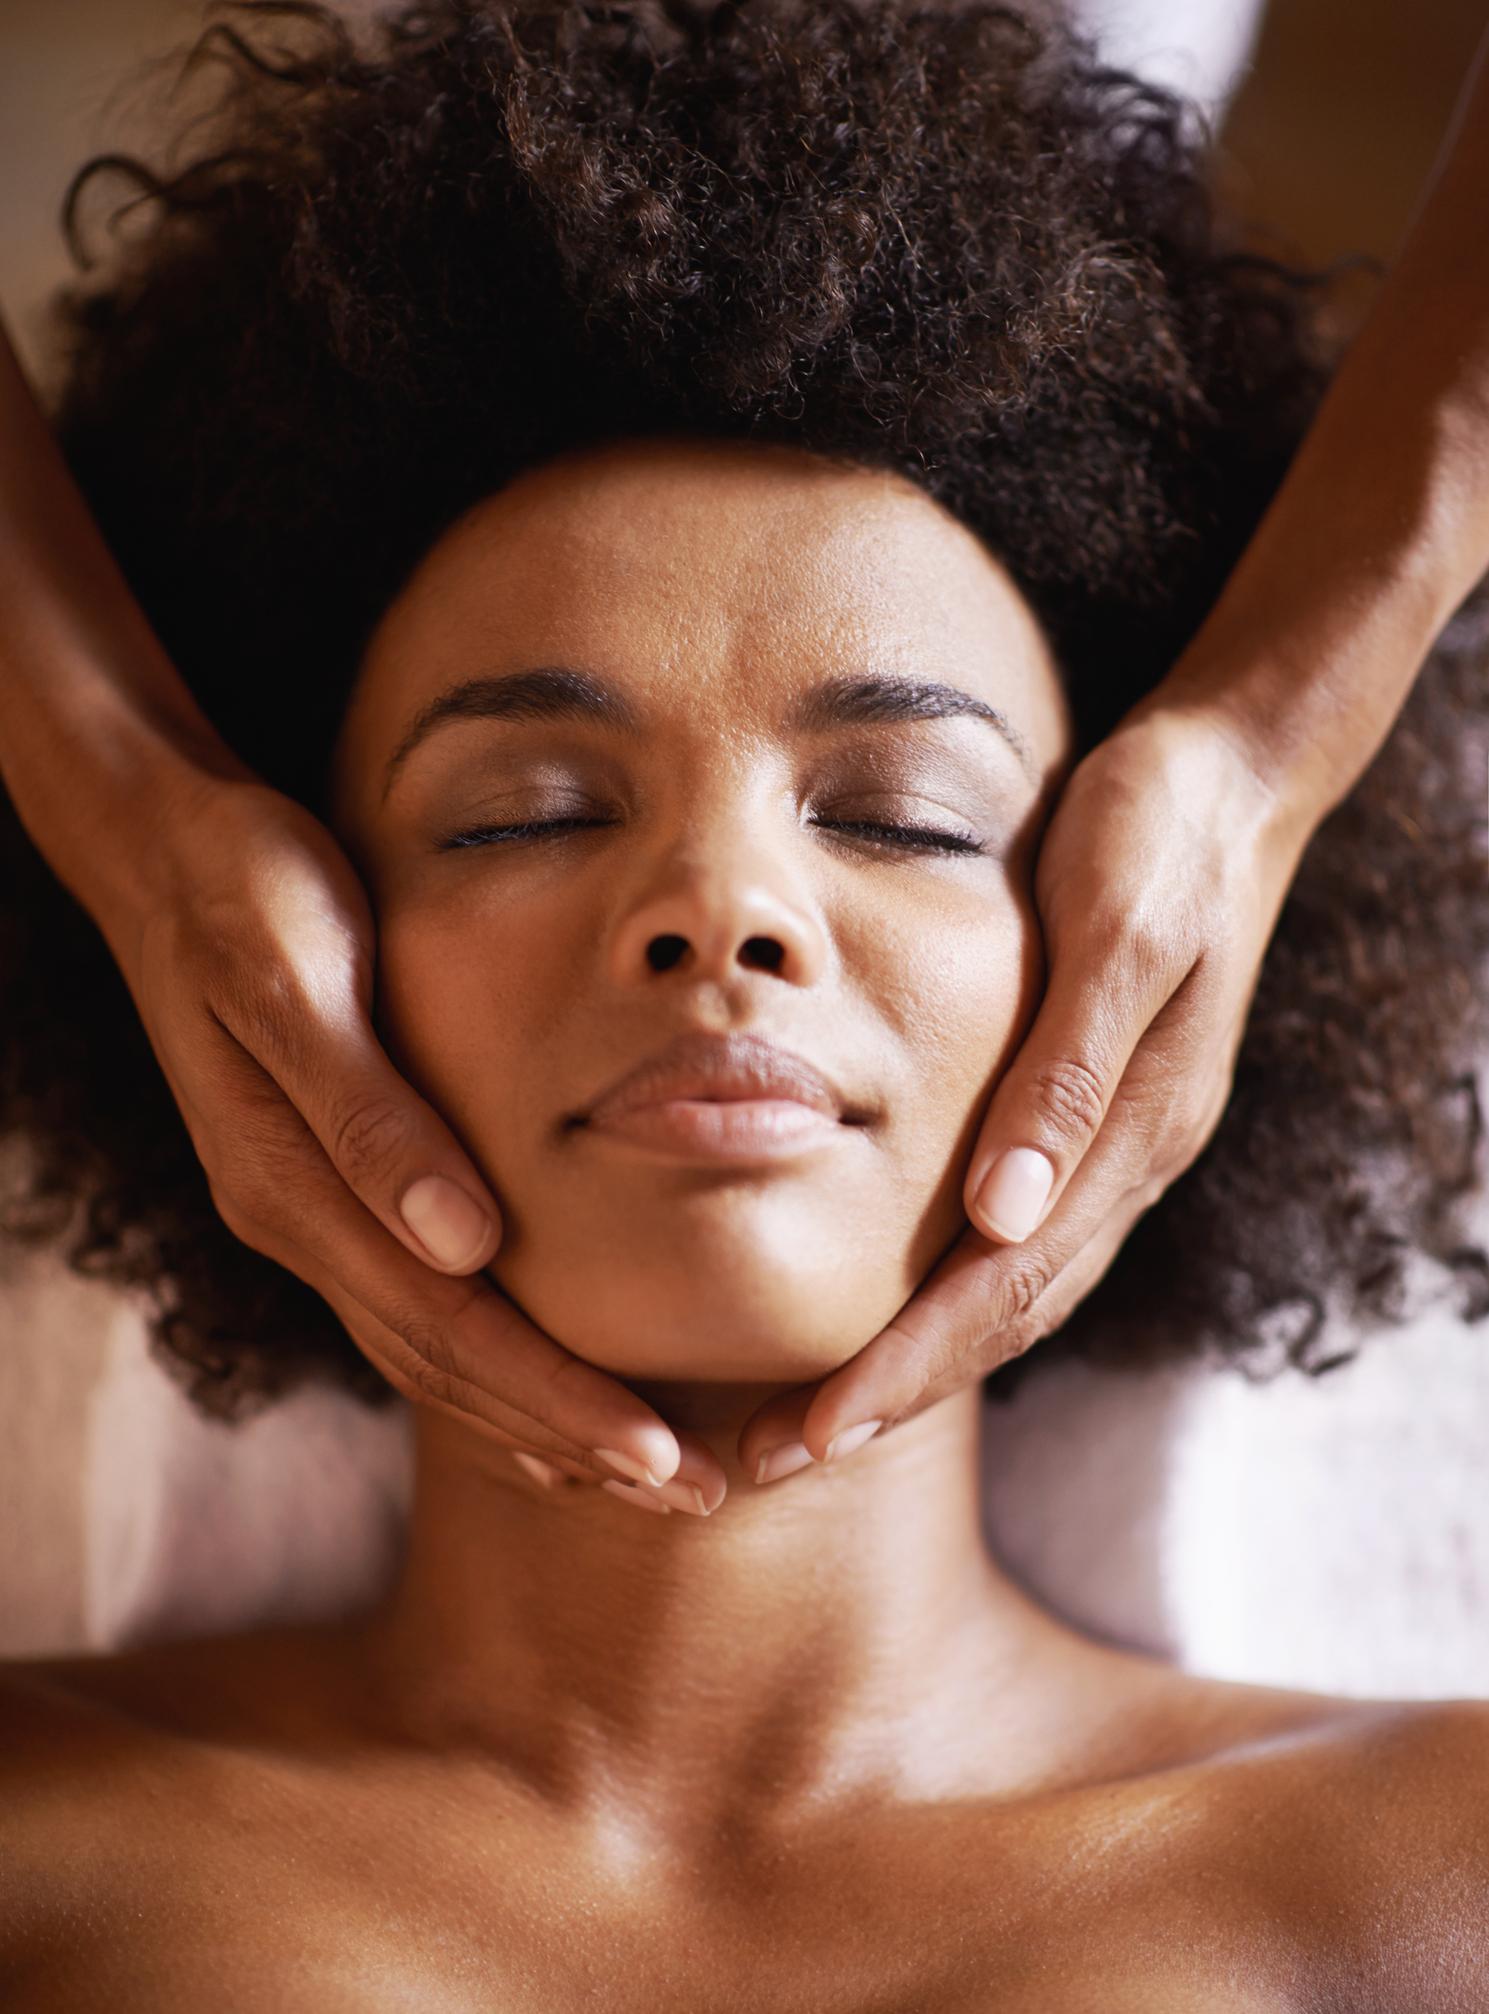 Chicago Massage Services